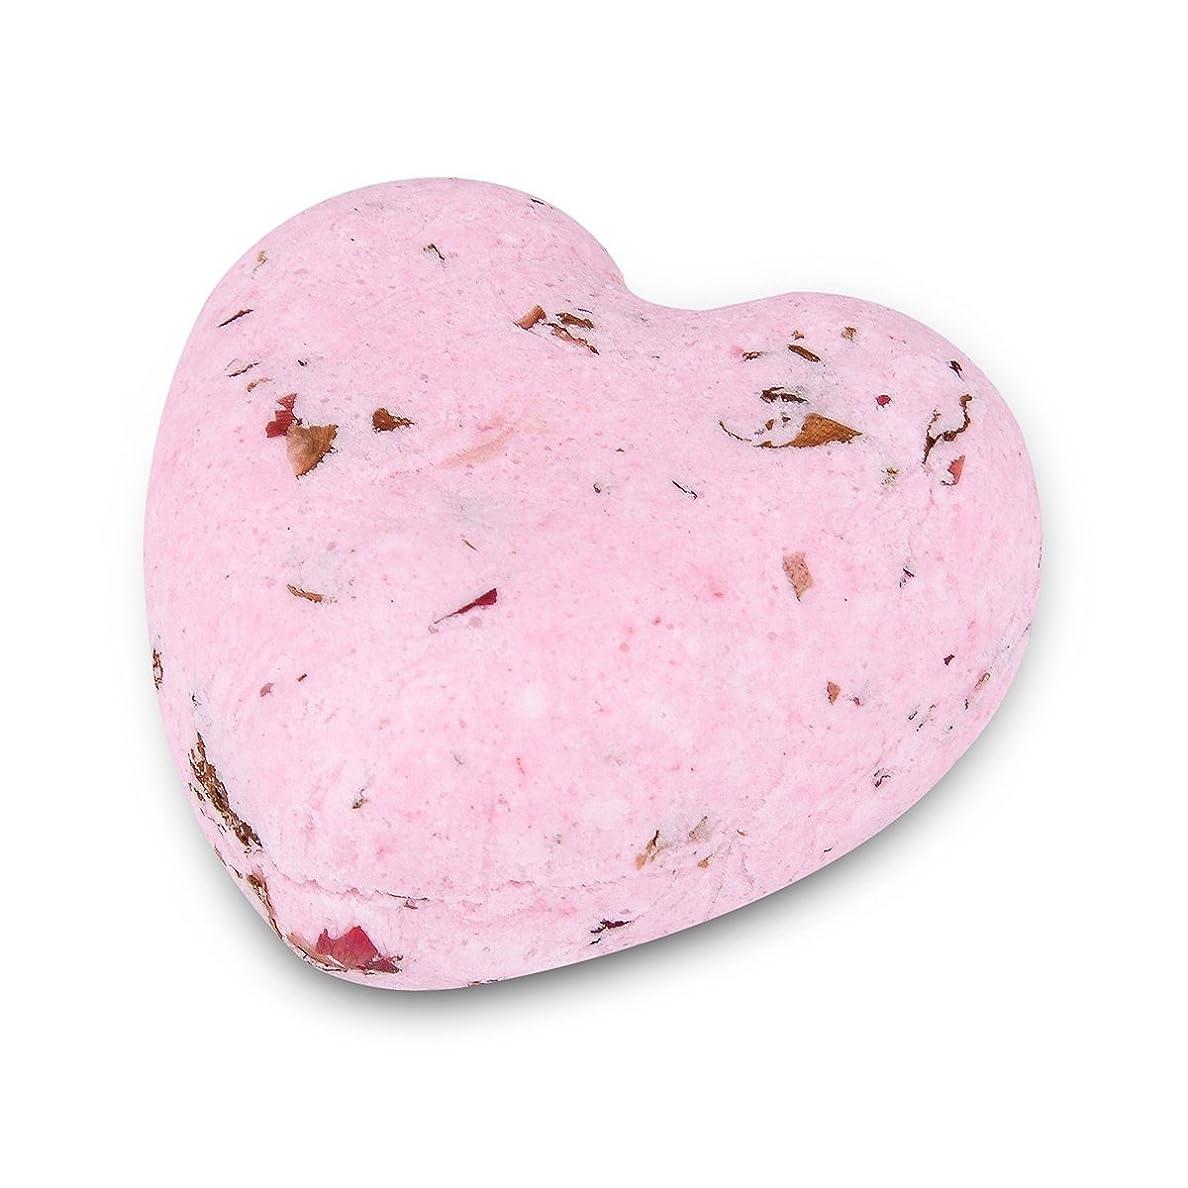 銛火曜日枯れるHOUSWEETY ローズの香り ハート型 バスボム 炭酸入浴剤 入浴料 海塩 アロマオイル バスボール 1個入り